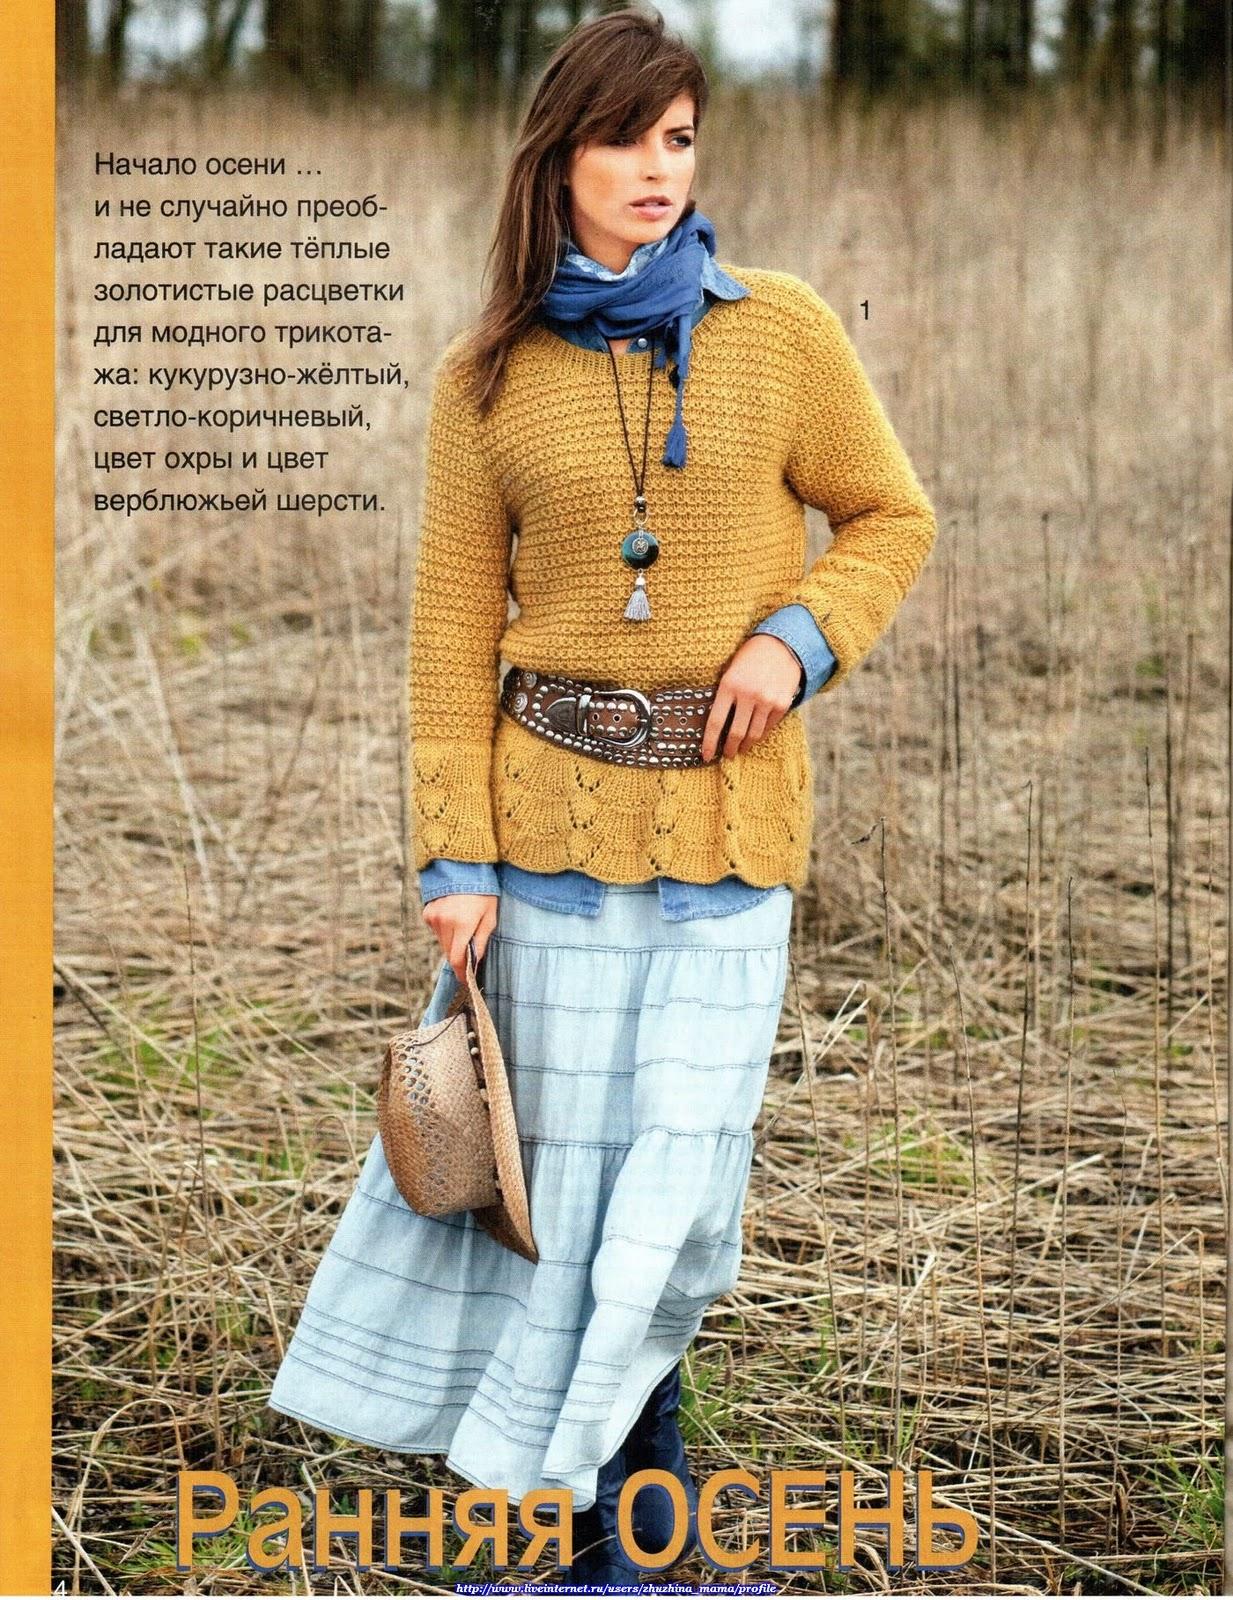 Как совместить цвета в вязании